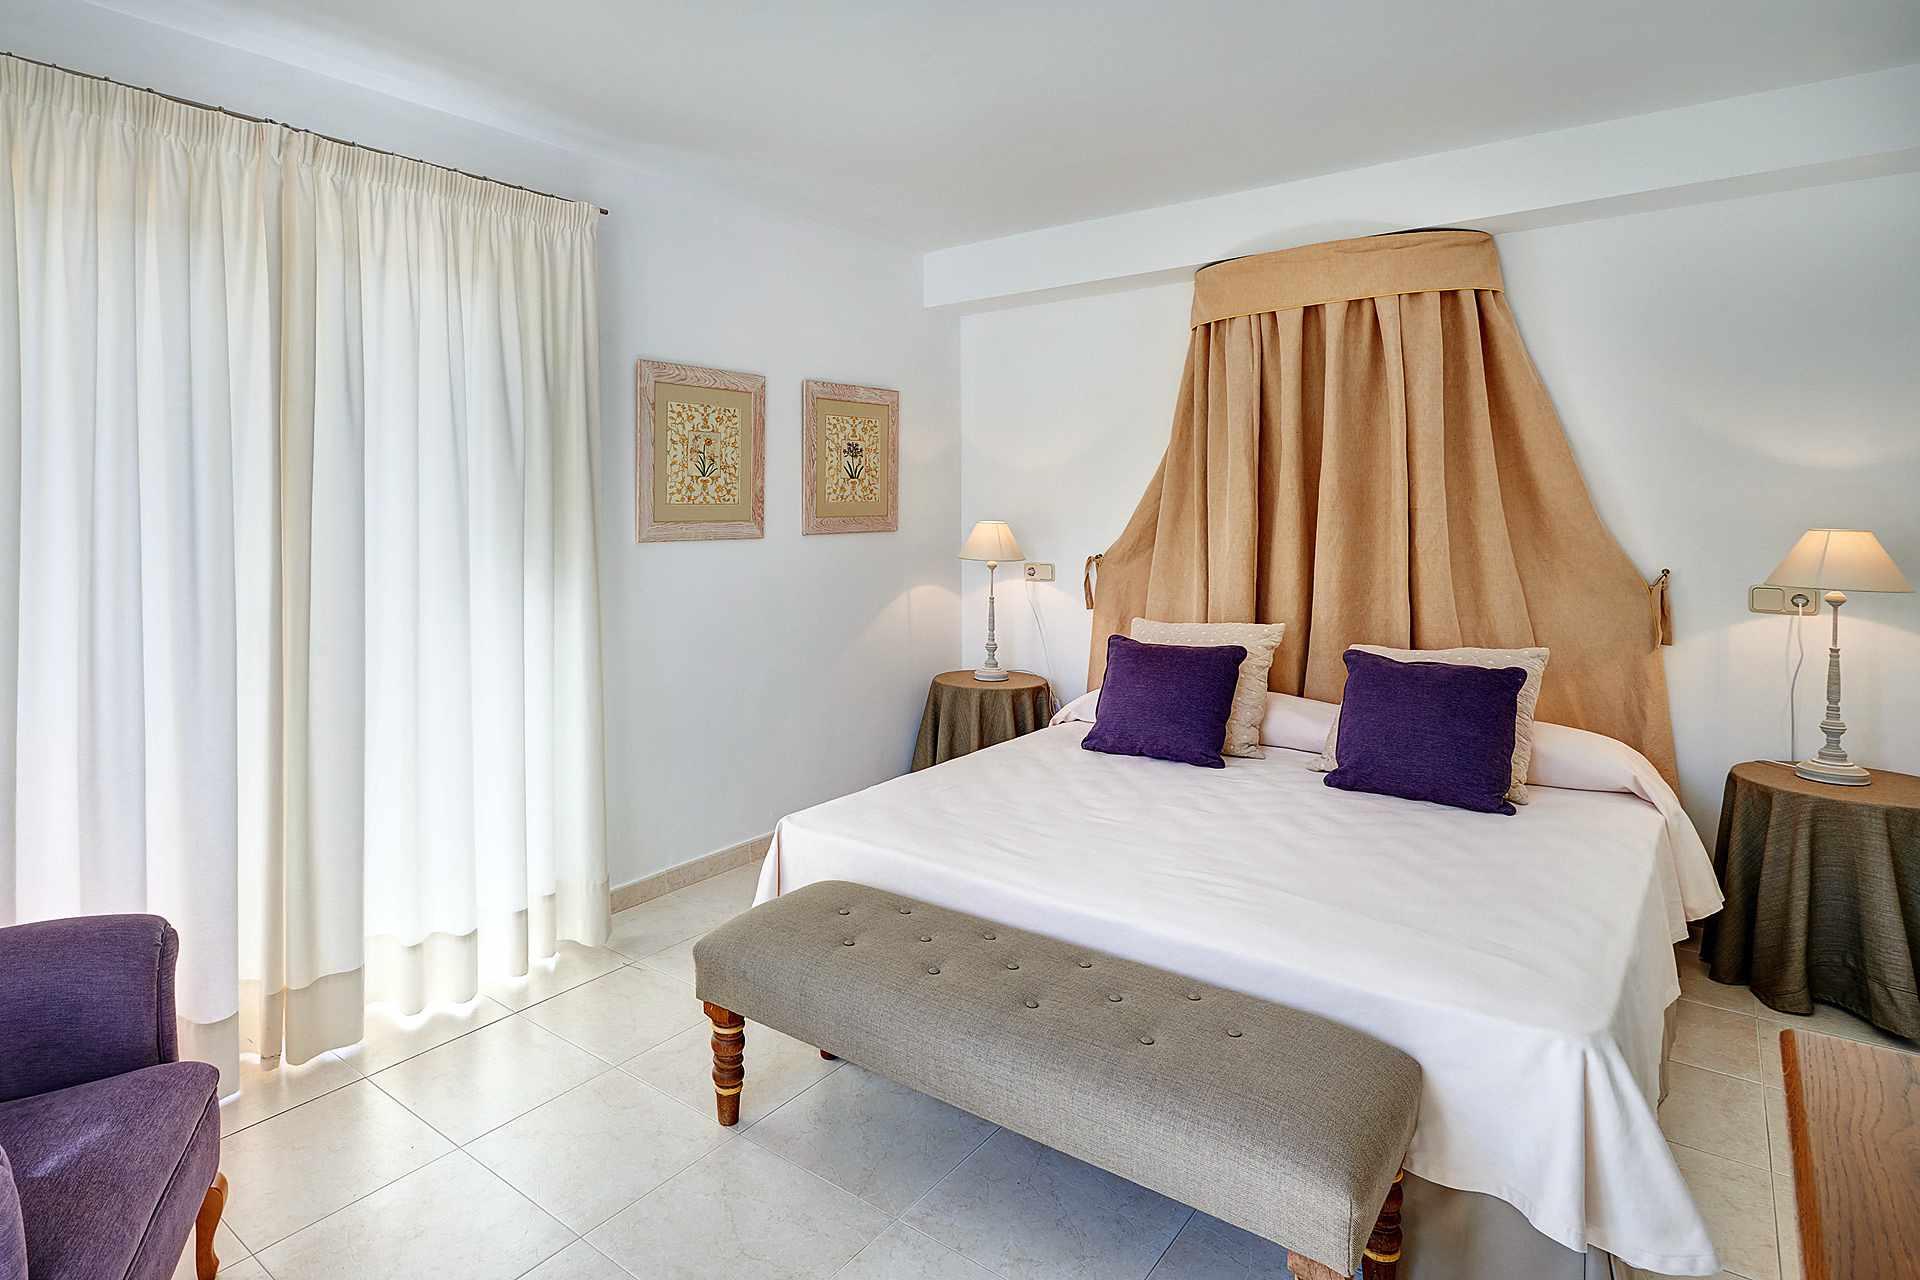 01-49 luxuriöses Chalet Nordosten Mallorca Bild 12